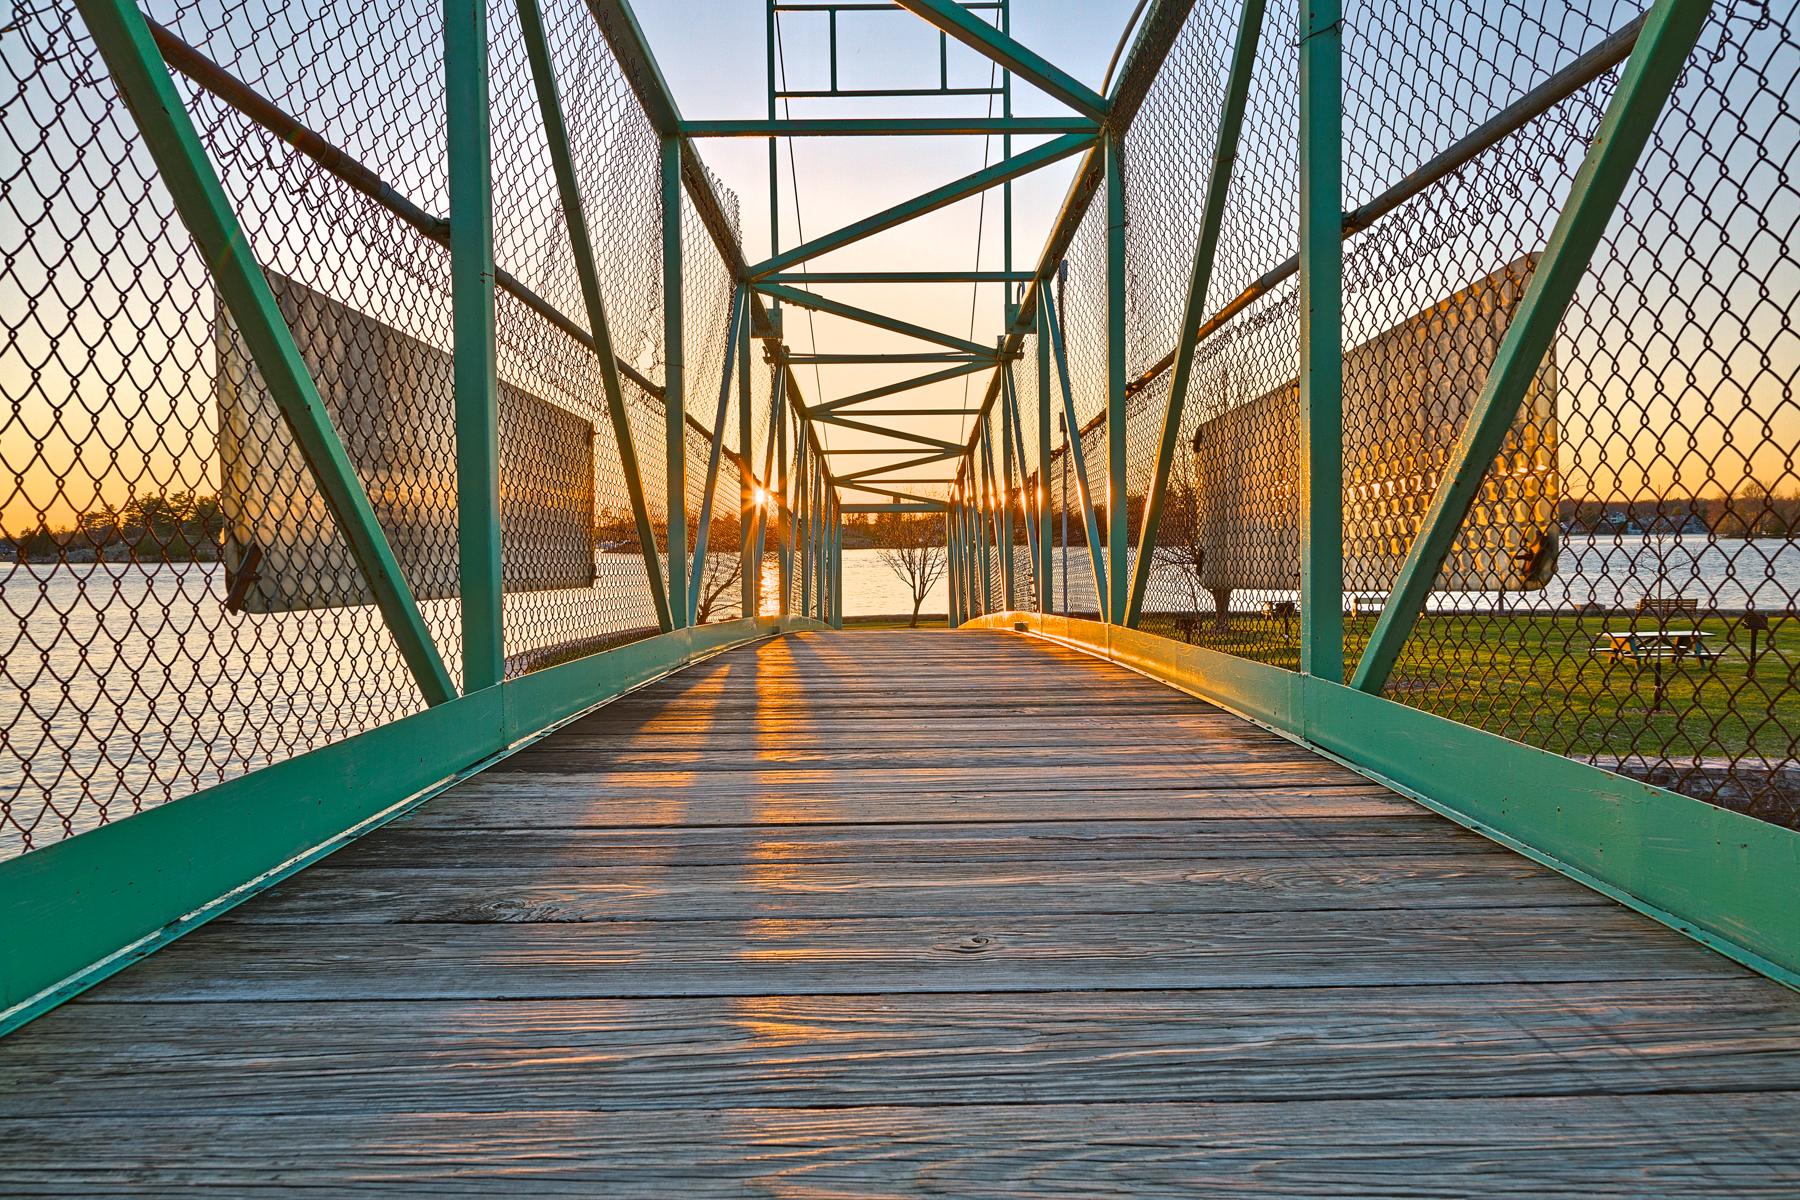 Casino island sunset bridge - hdr photo